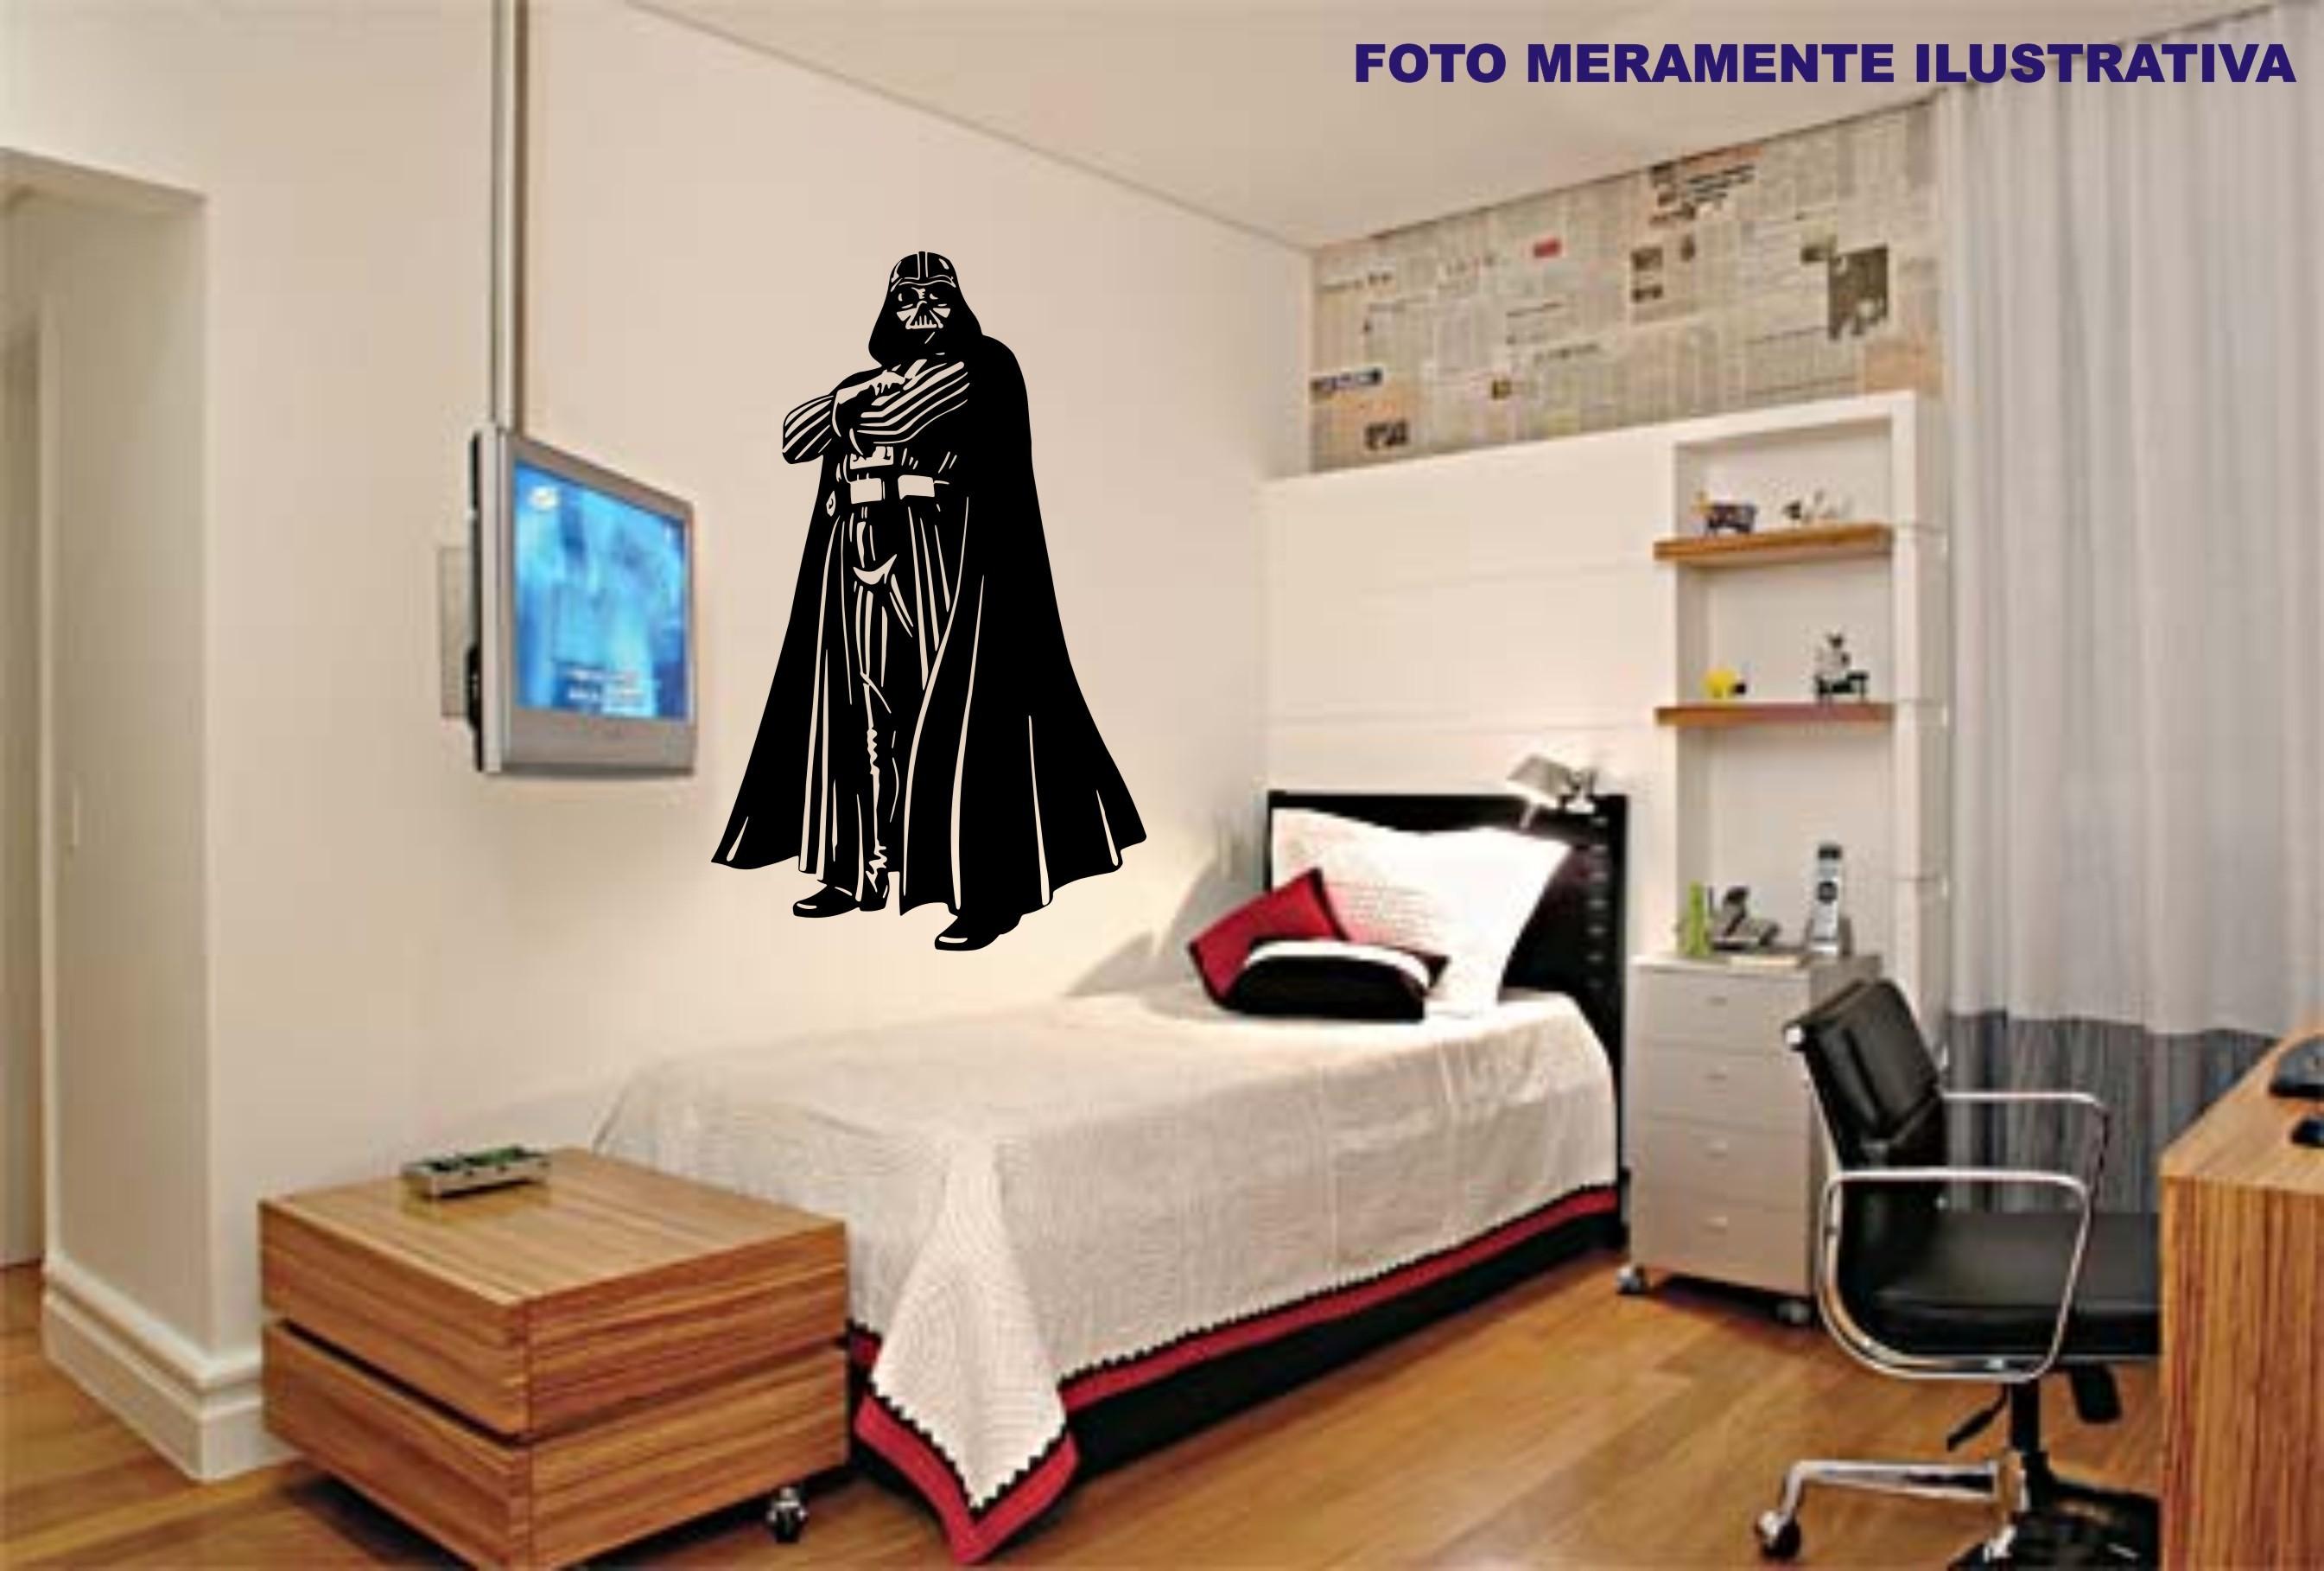 Adesivo Darth Vader Modelo 2 Star Wars  JAPA DECORAÇÃO  Elo7